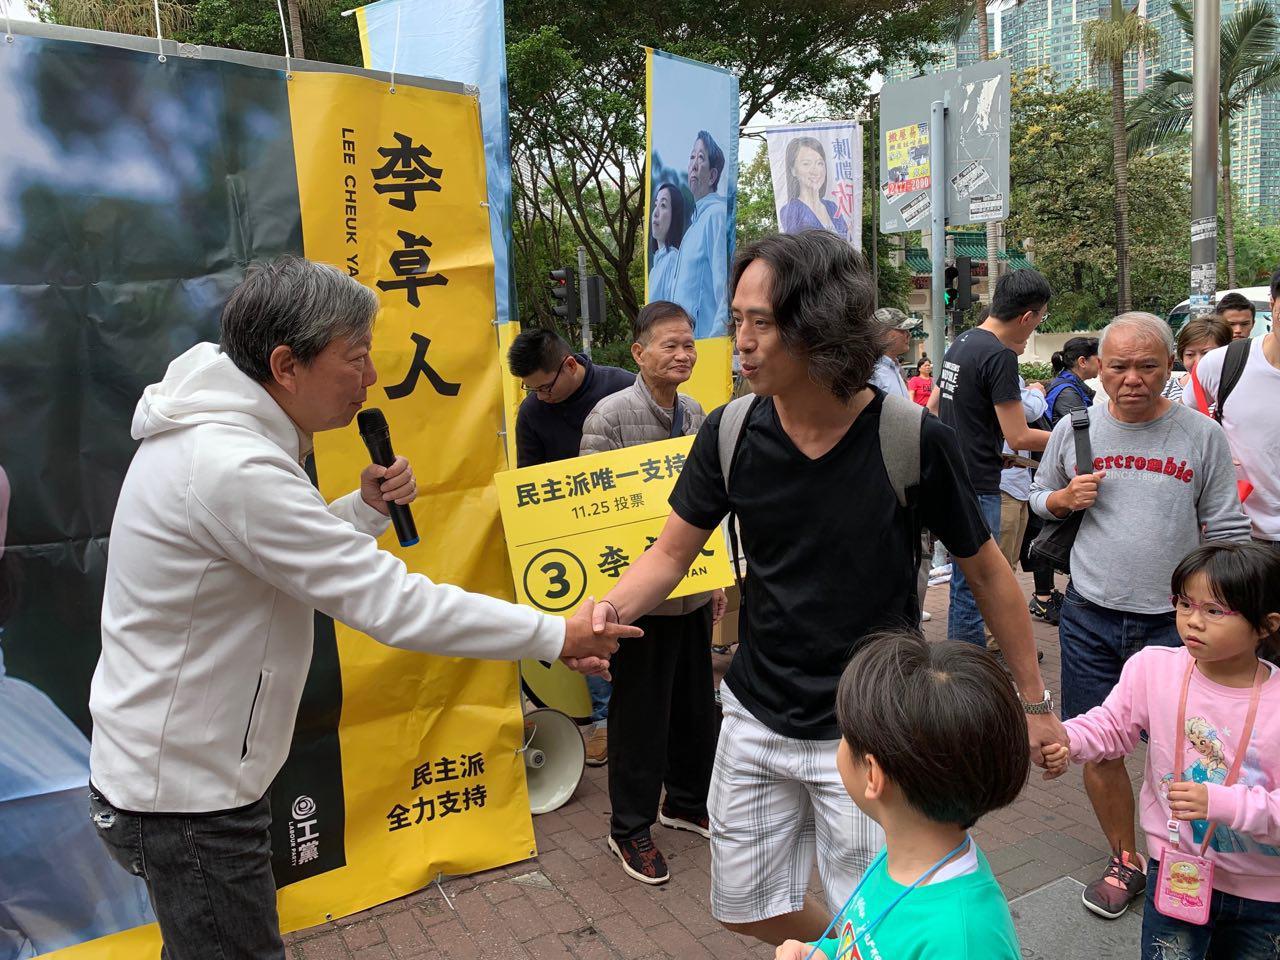 李卓人選情告急,不少市民表示支持李卓人。(李逸/大紀元)